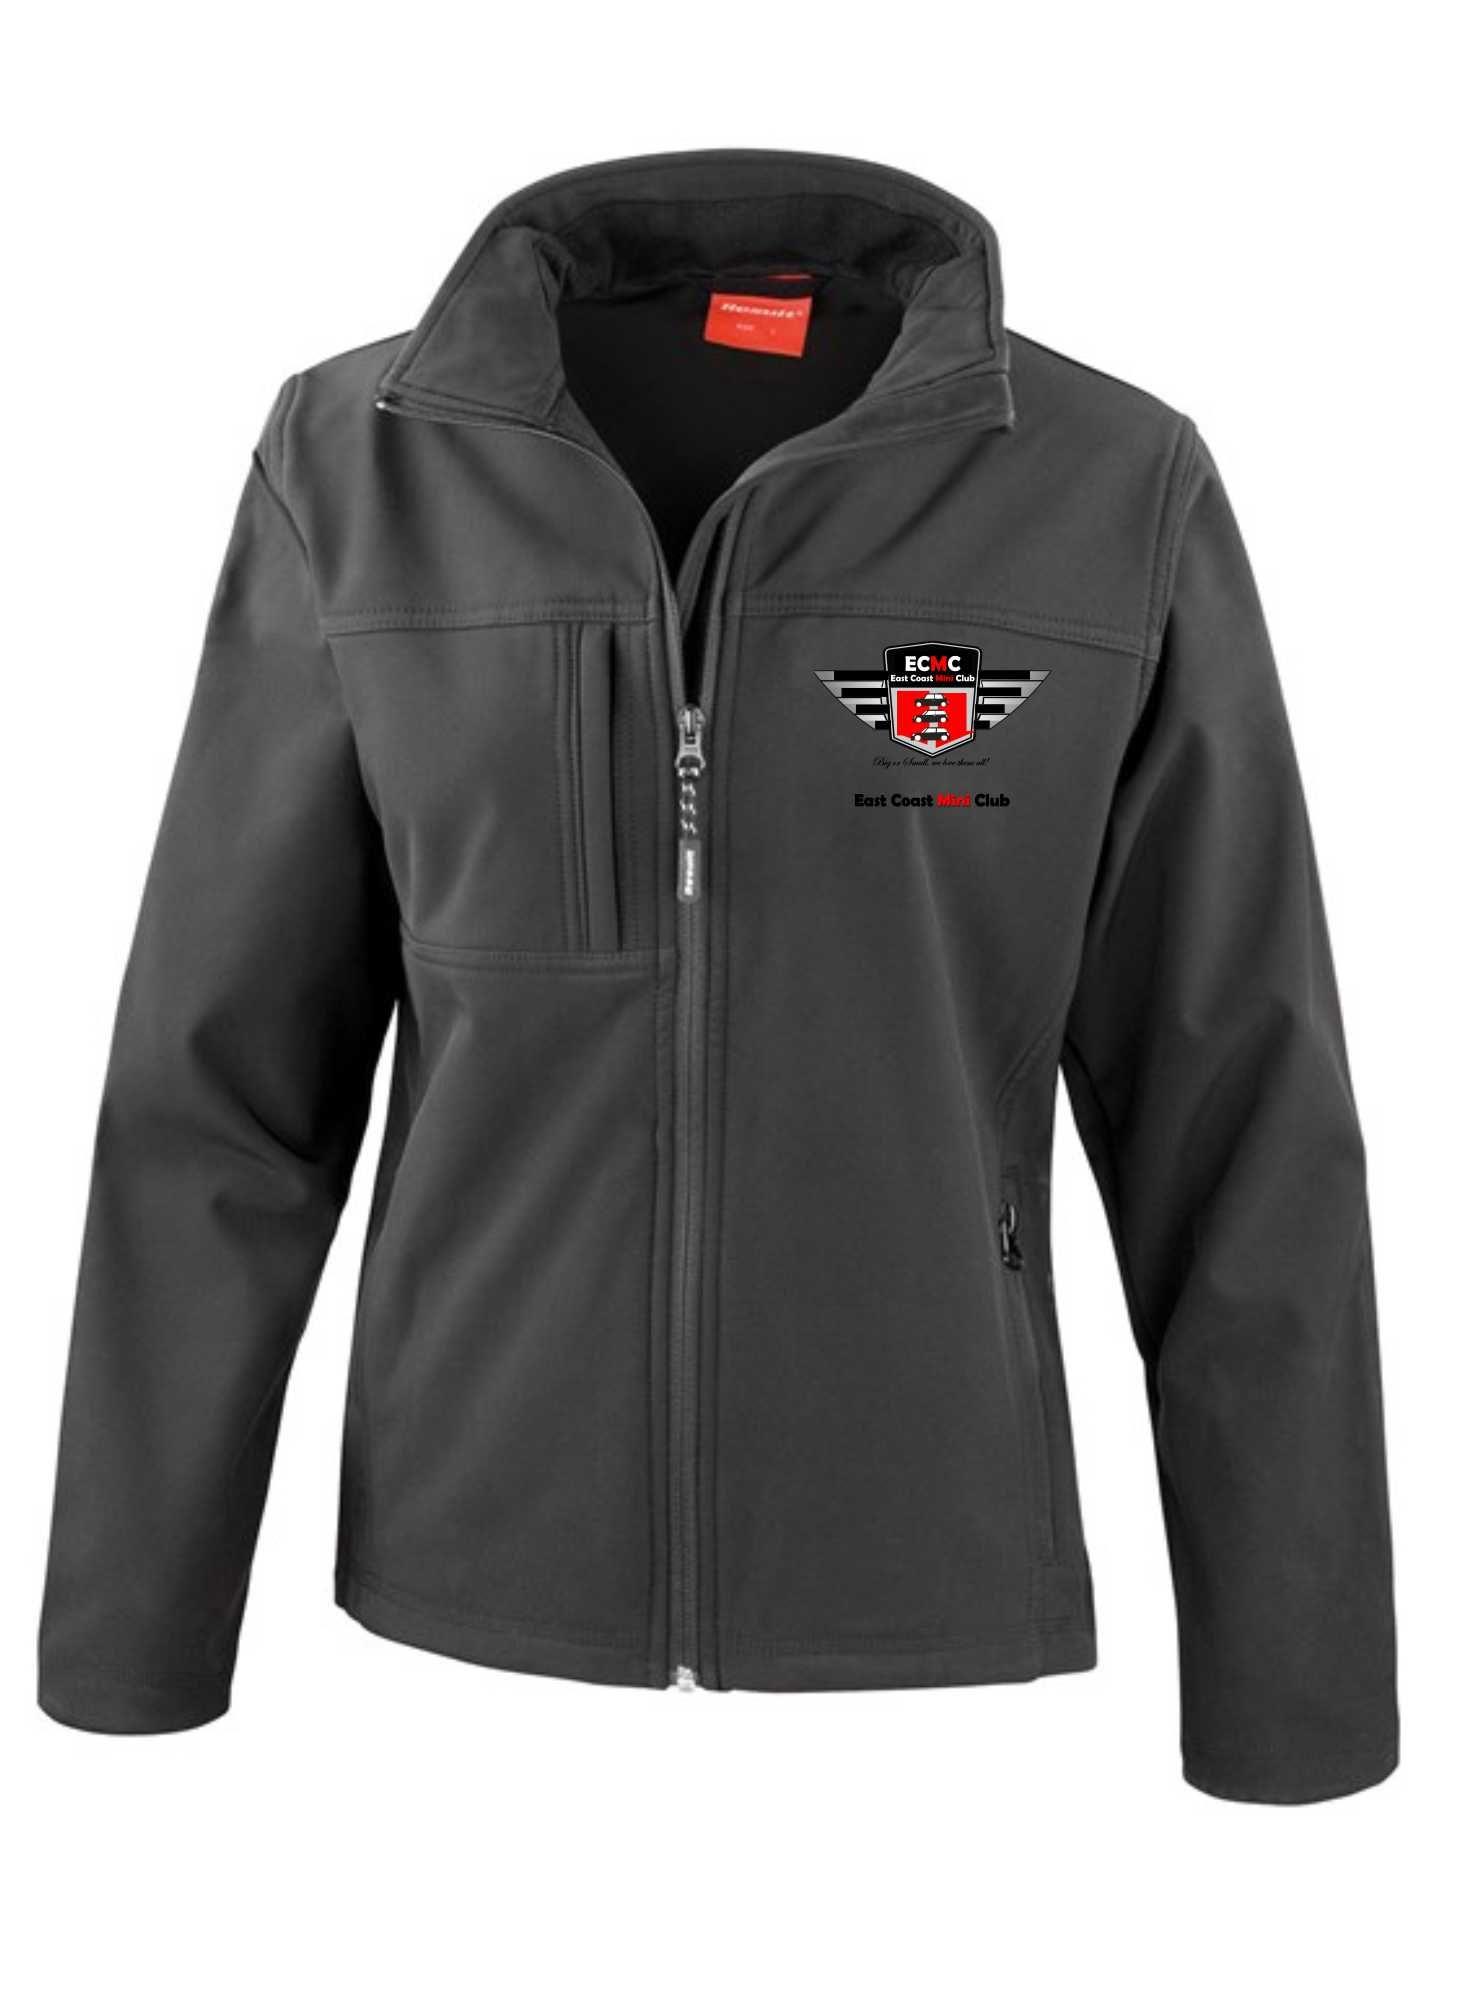 East Coast Mini Club – Premium Softshell Jacket (Ladies)